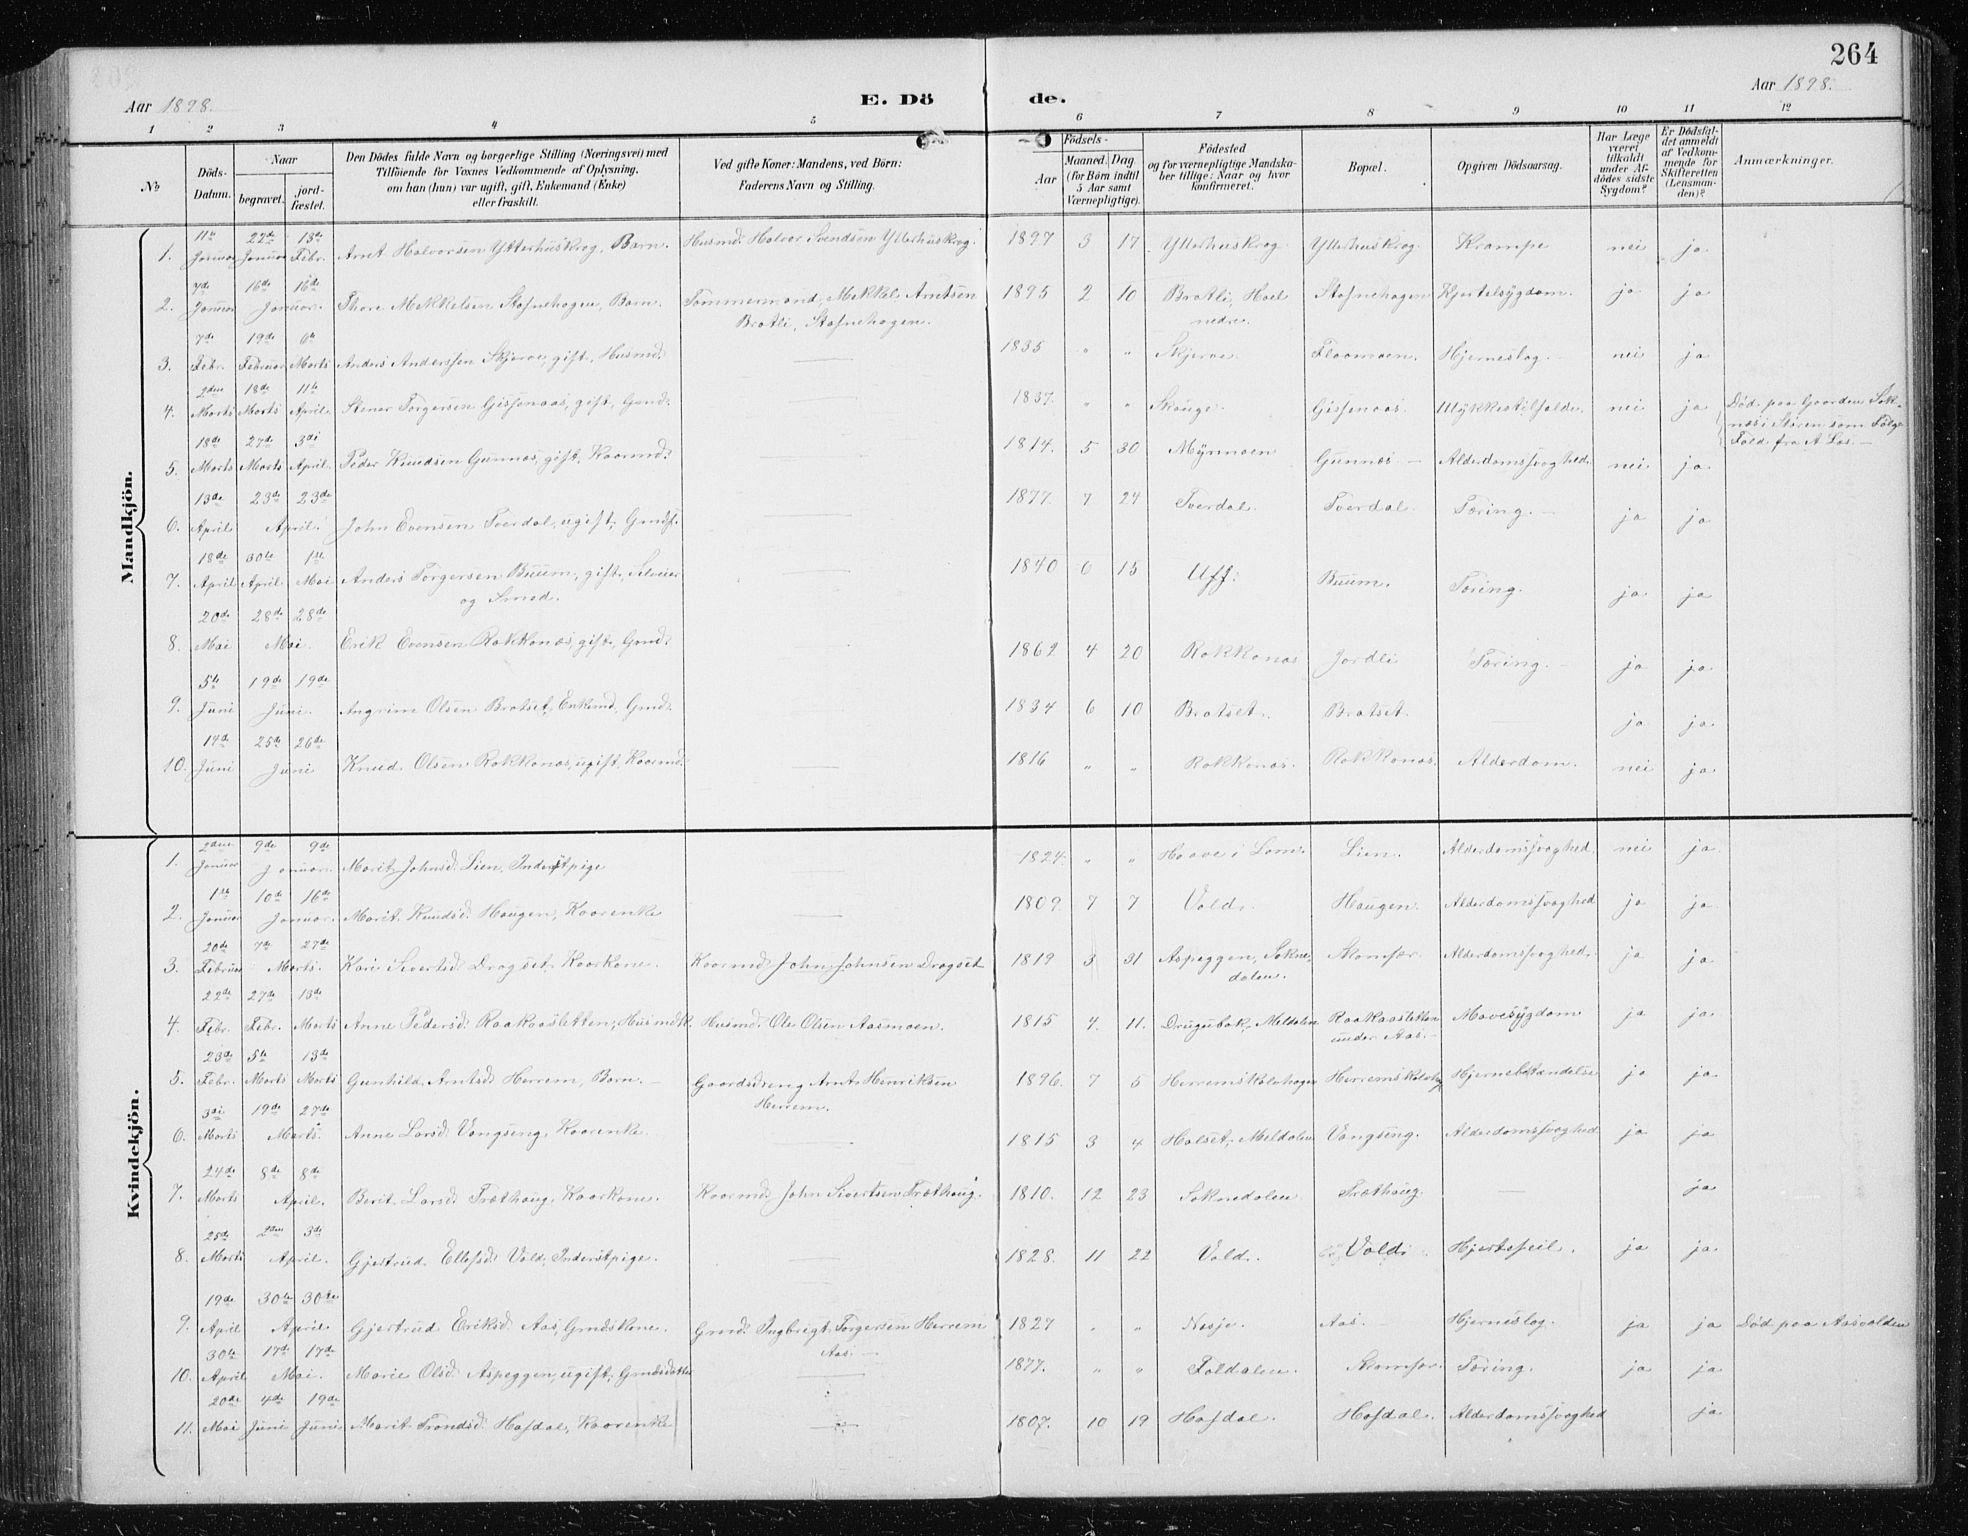 SAT, Ministerialprotokoller, klokkerbøker og fødselsregistre - Sør-Trøndelag, 674/L0876: Klokkerbok nr. 674C03, 1892-1912, s. 264